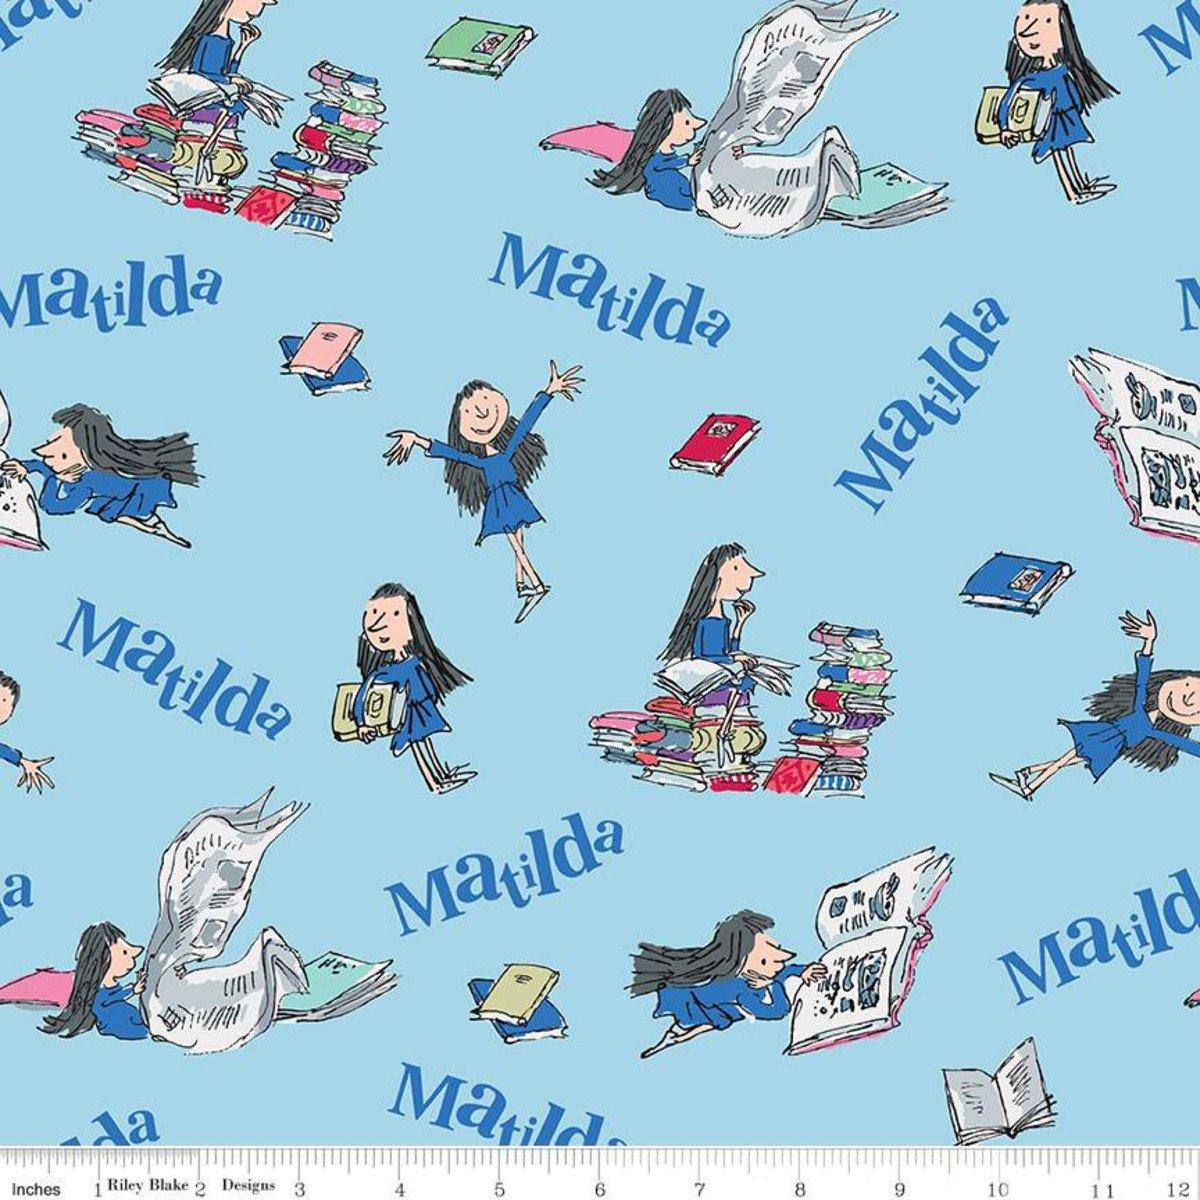 Matilda by Riley Blake